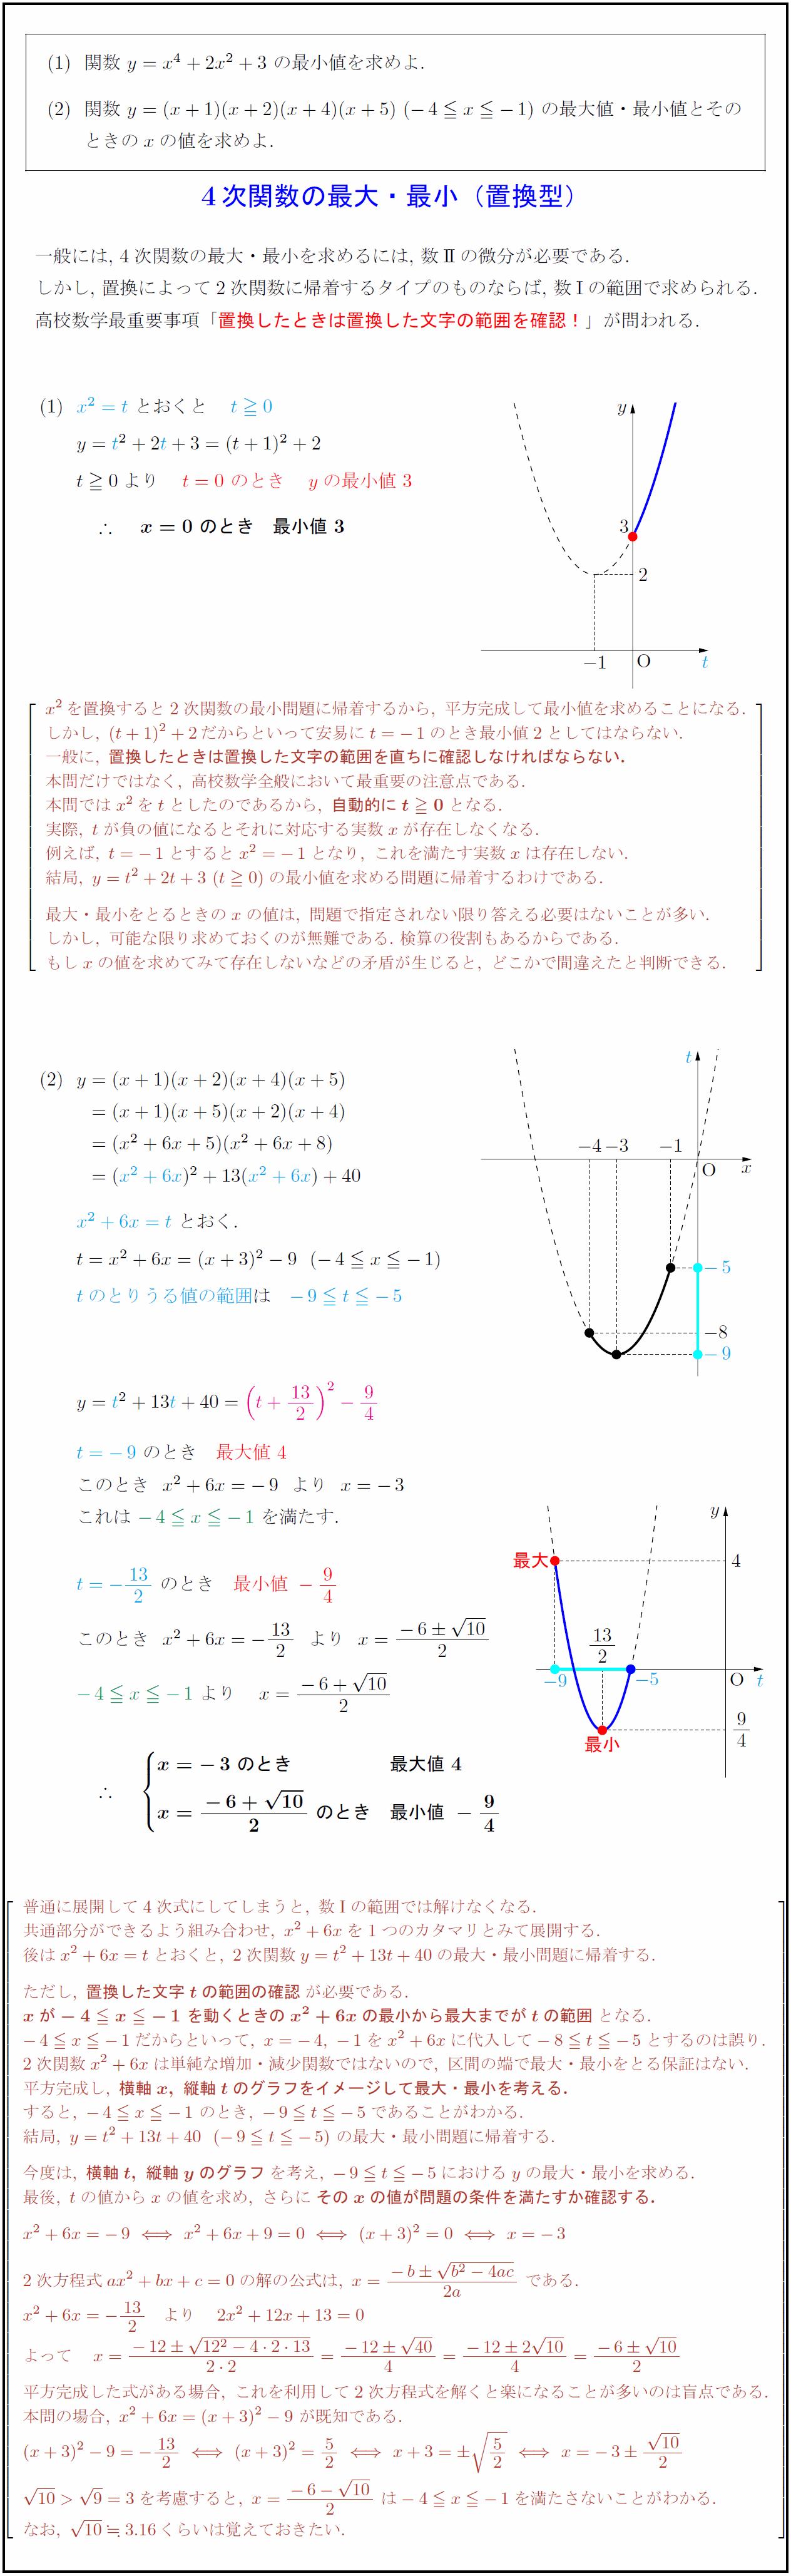 高校数学Ⅰ】4次関数の最大・最小(置換型) | 受験の月